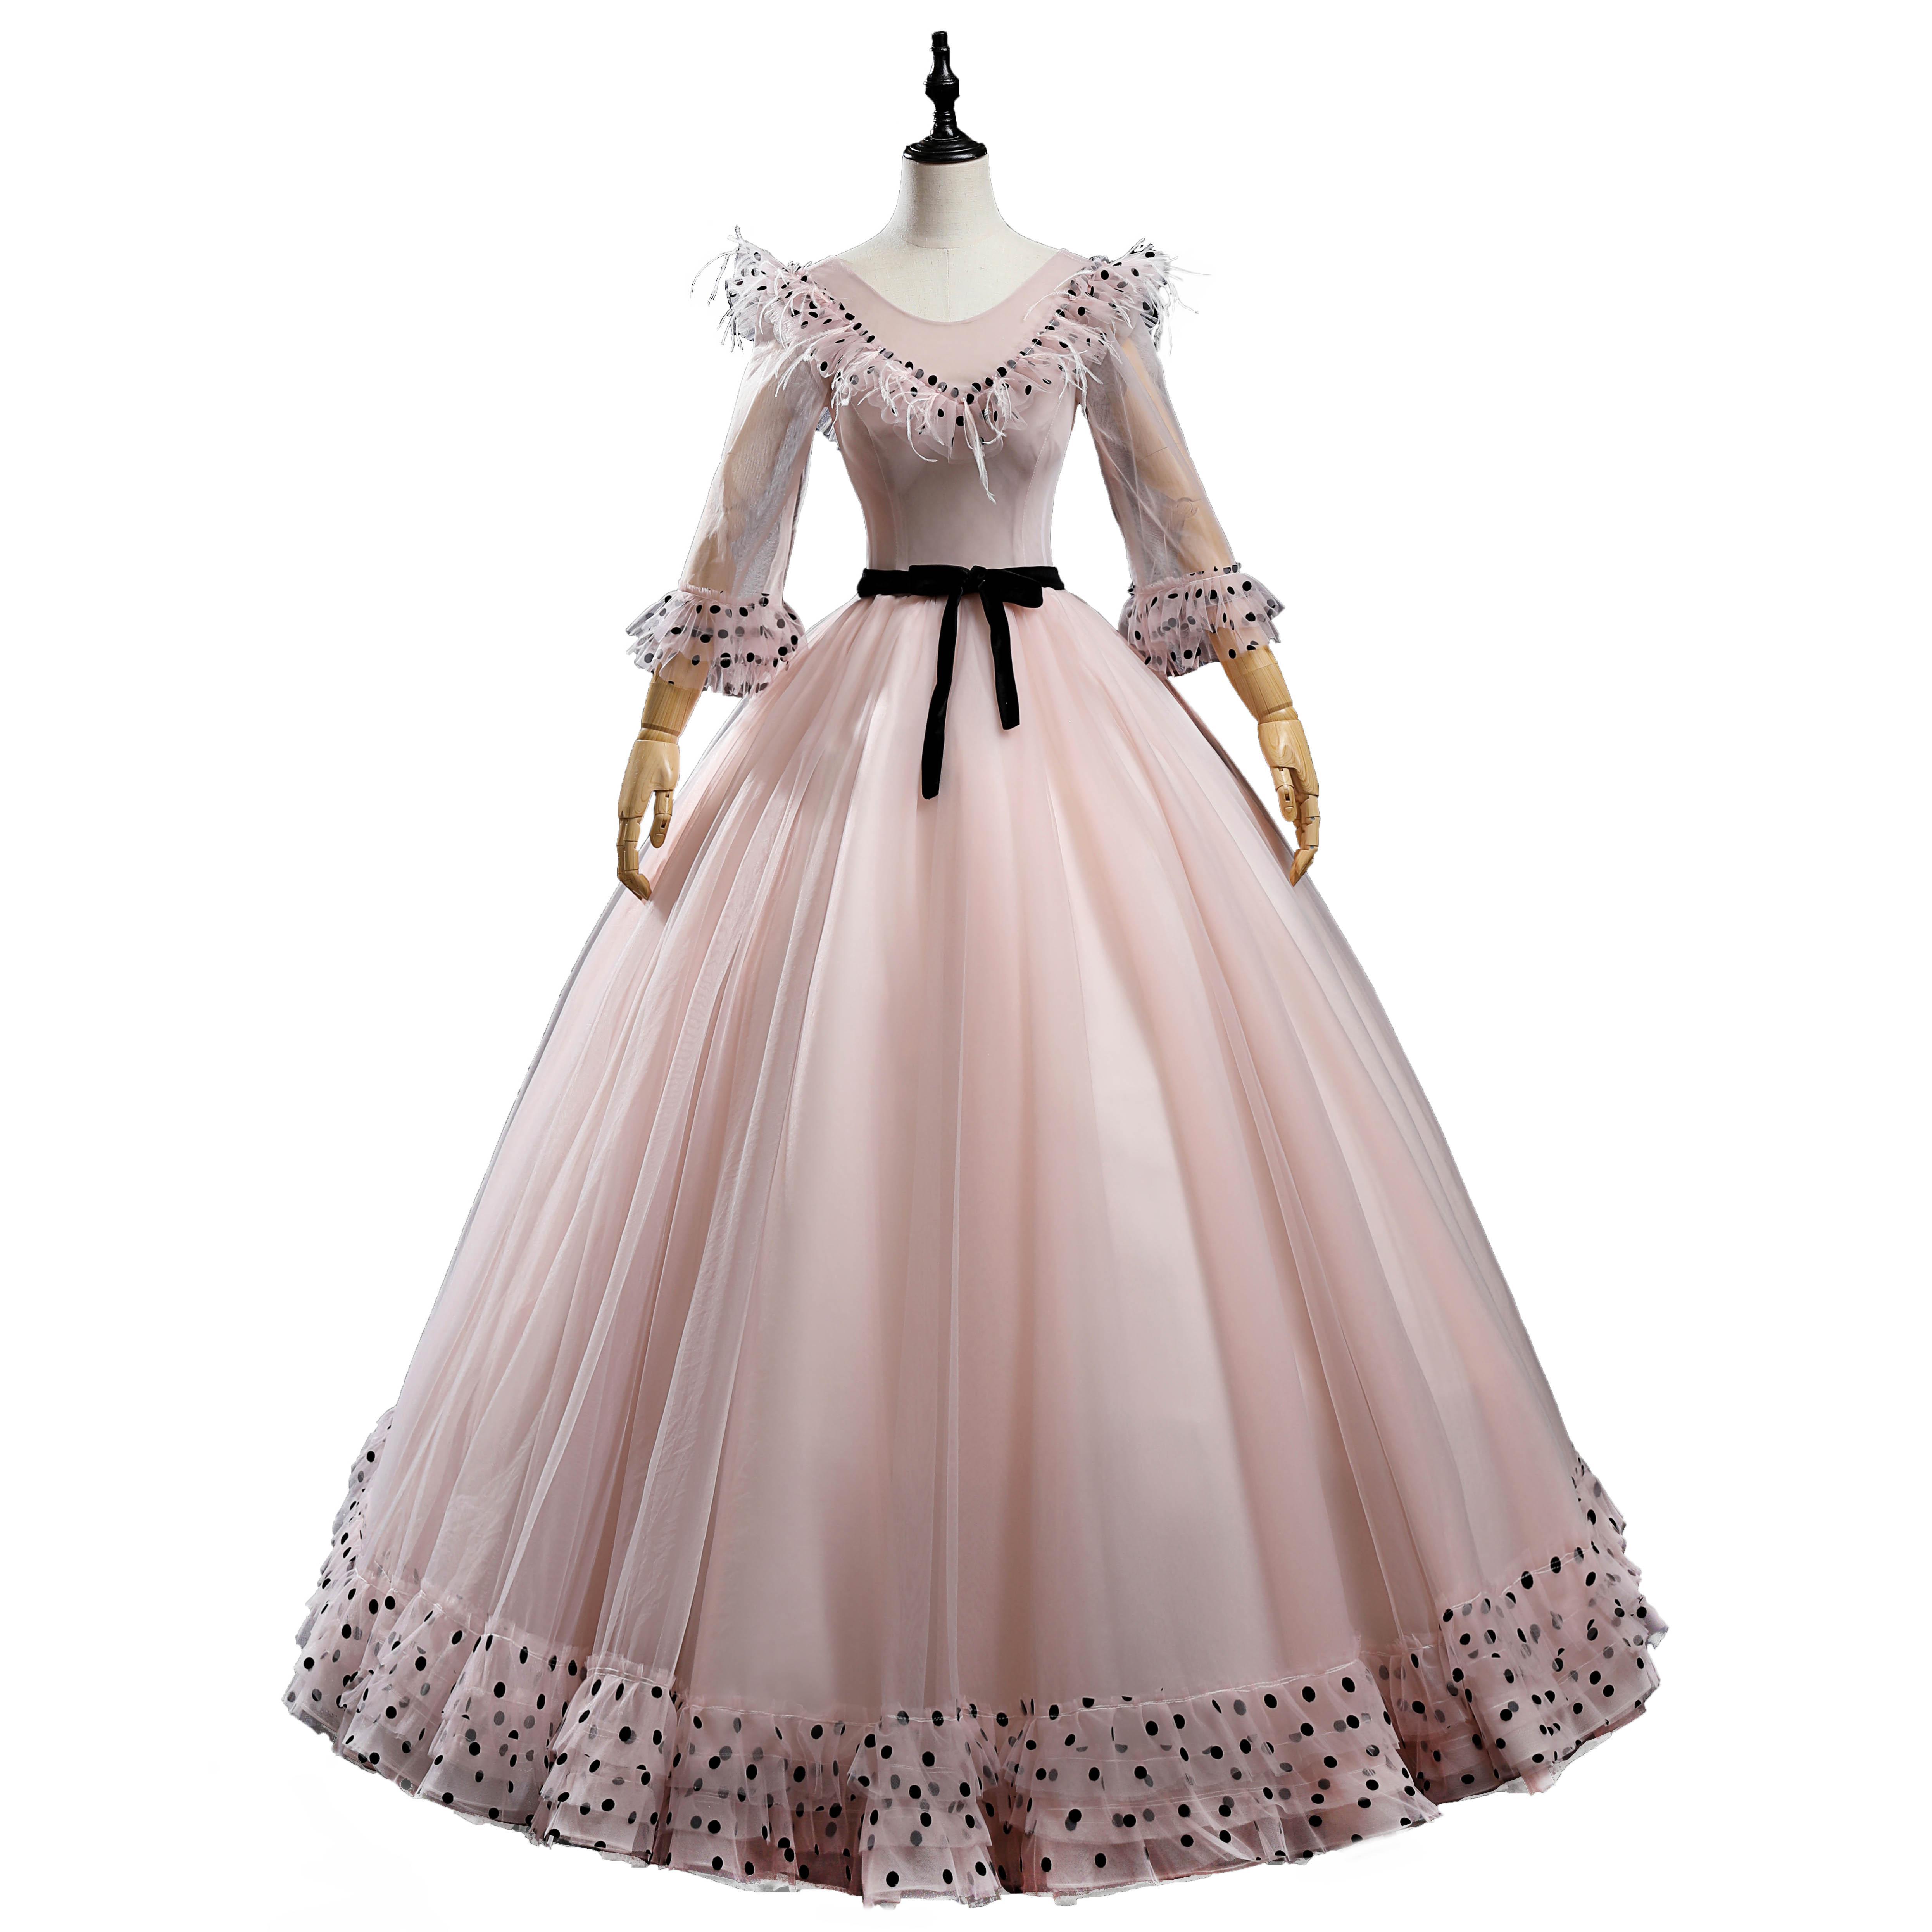 Luxusbohne Rosa Feder Polka Dot Rüschen Kragen Langes Kleid Ballkleid Opera Bühne Mittelalterliches Kleid Renaissance Cosplay Victoria Antoinette